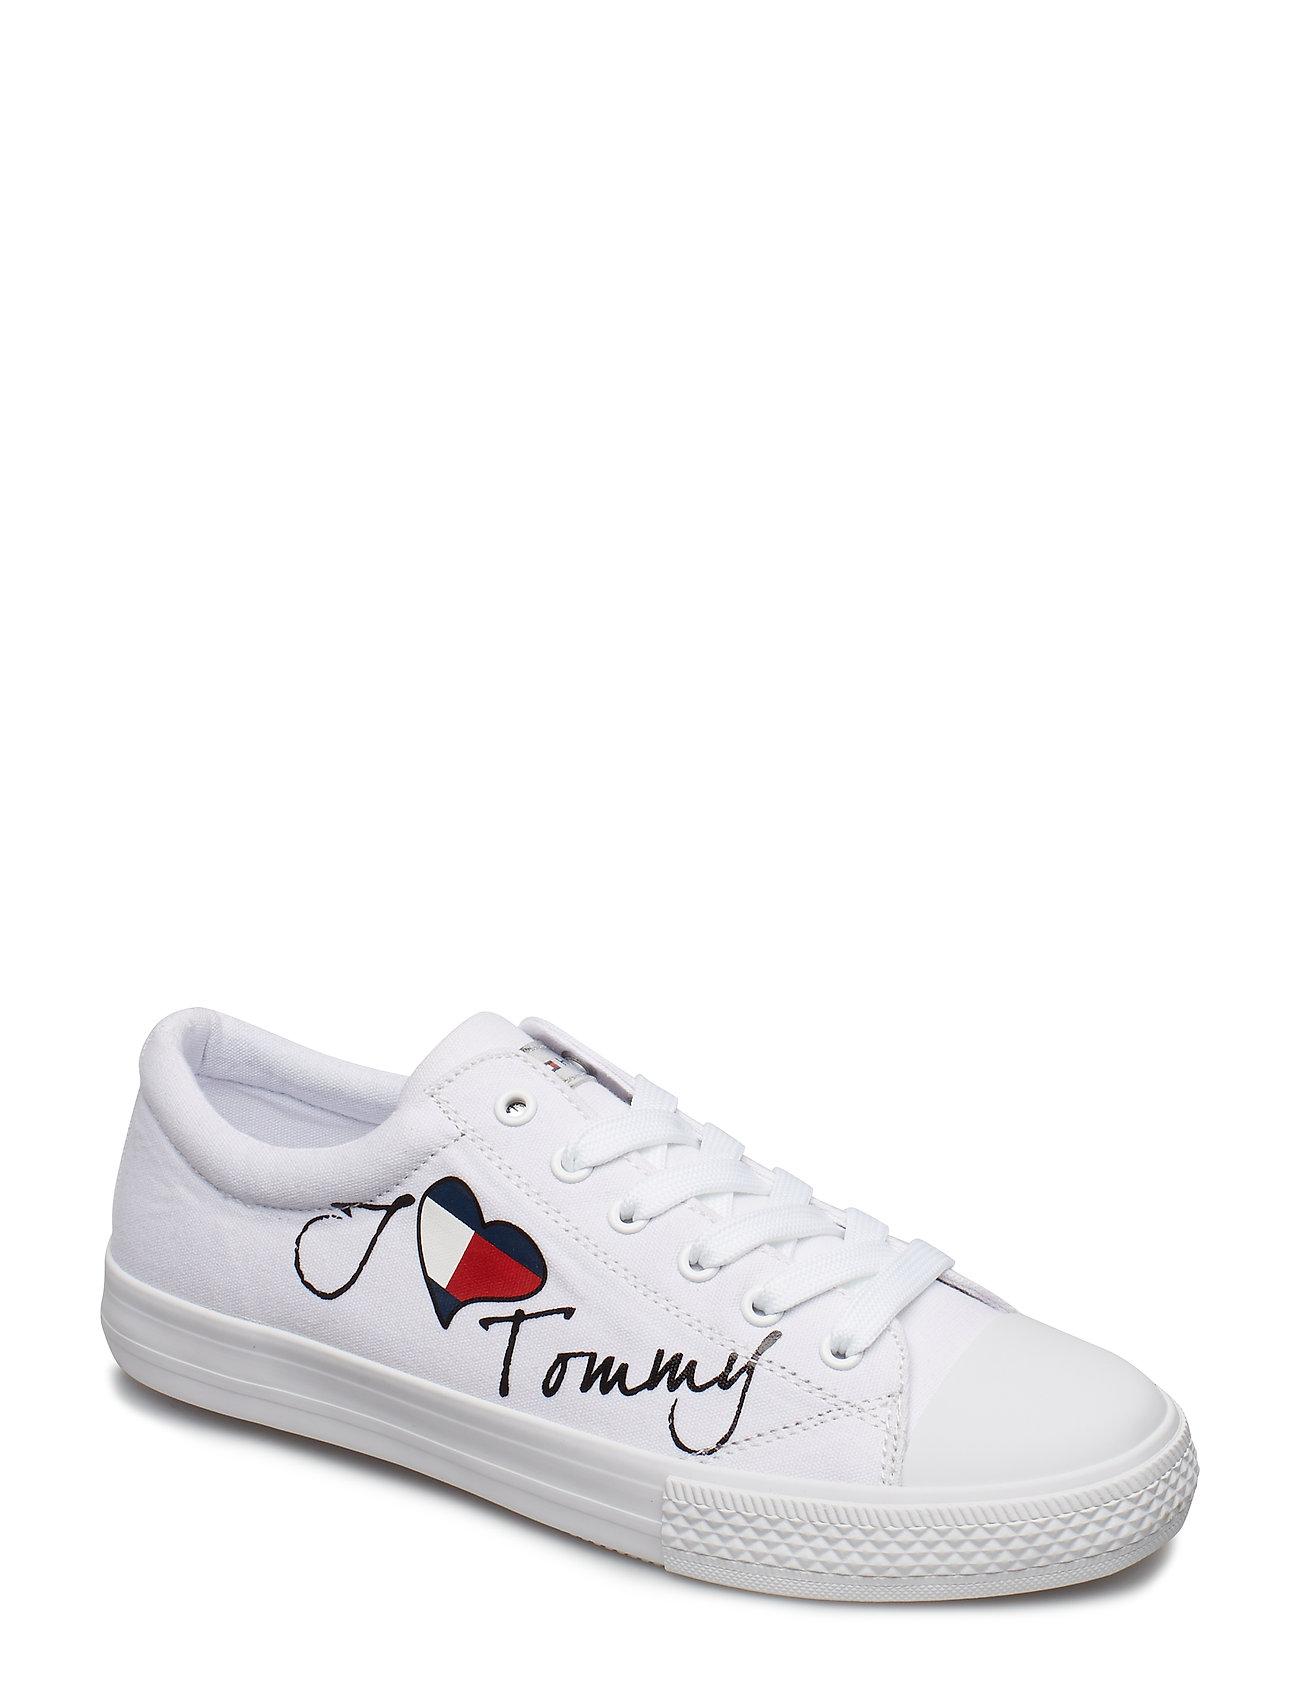 76291088 Tommy Hilfiger sneakers – Low Cut Lace-Up Sneaker til børn i BIANCO ...